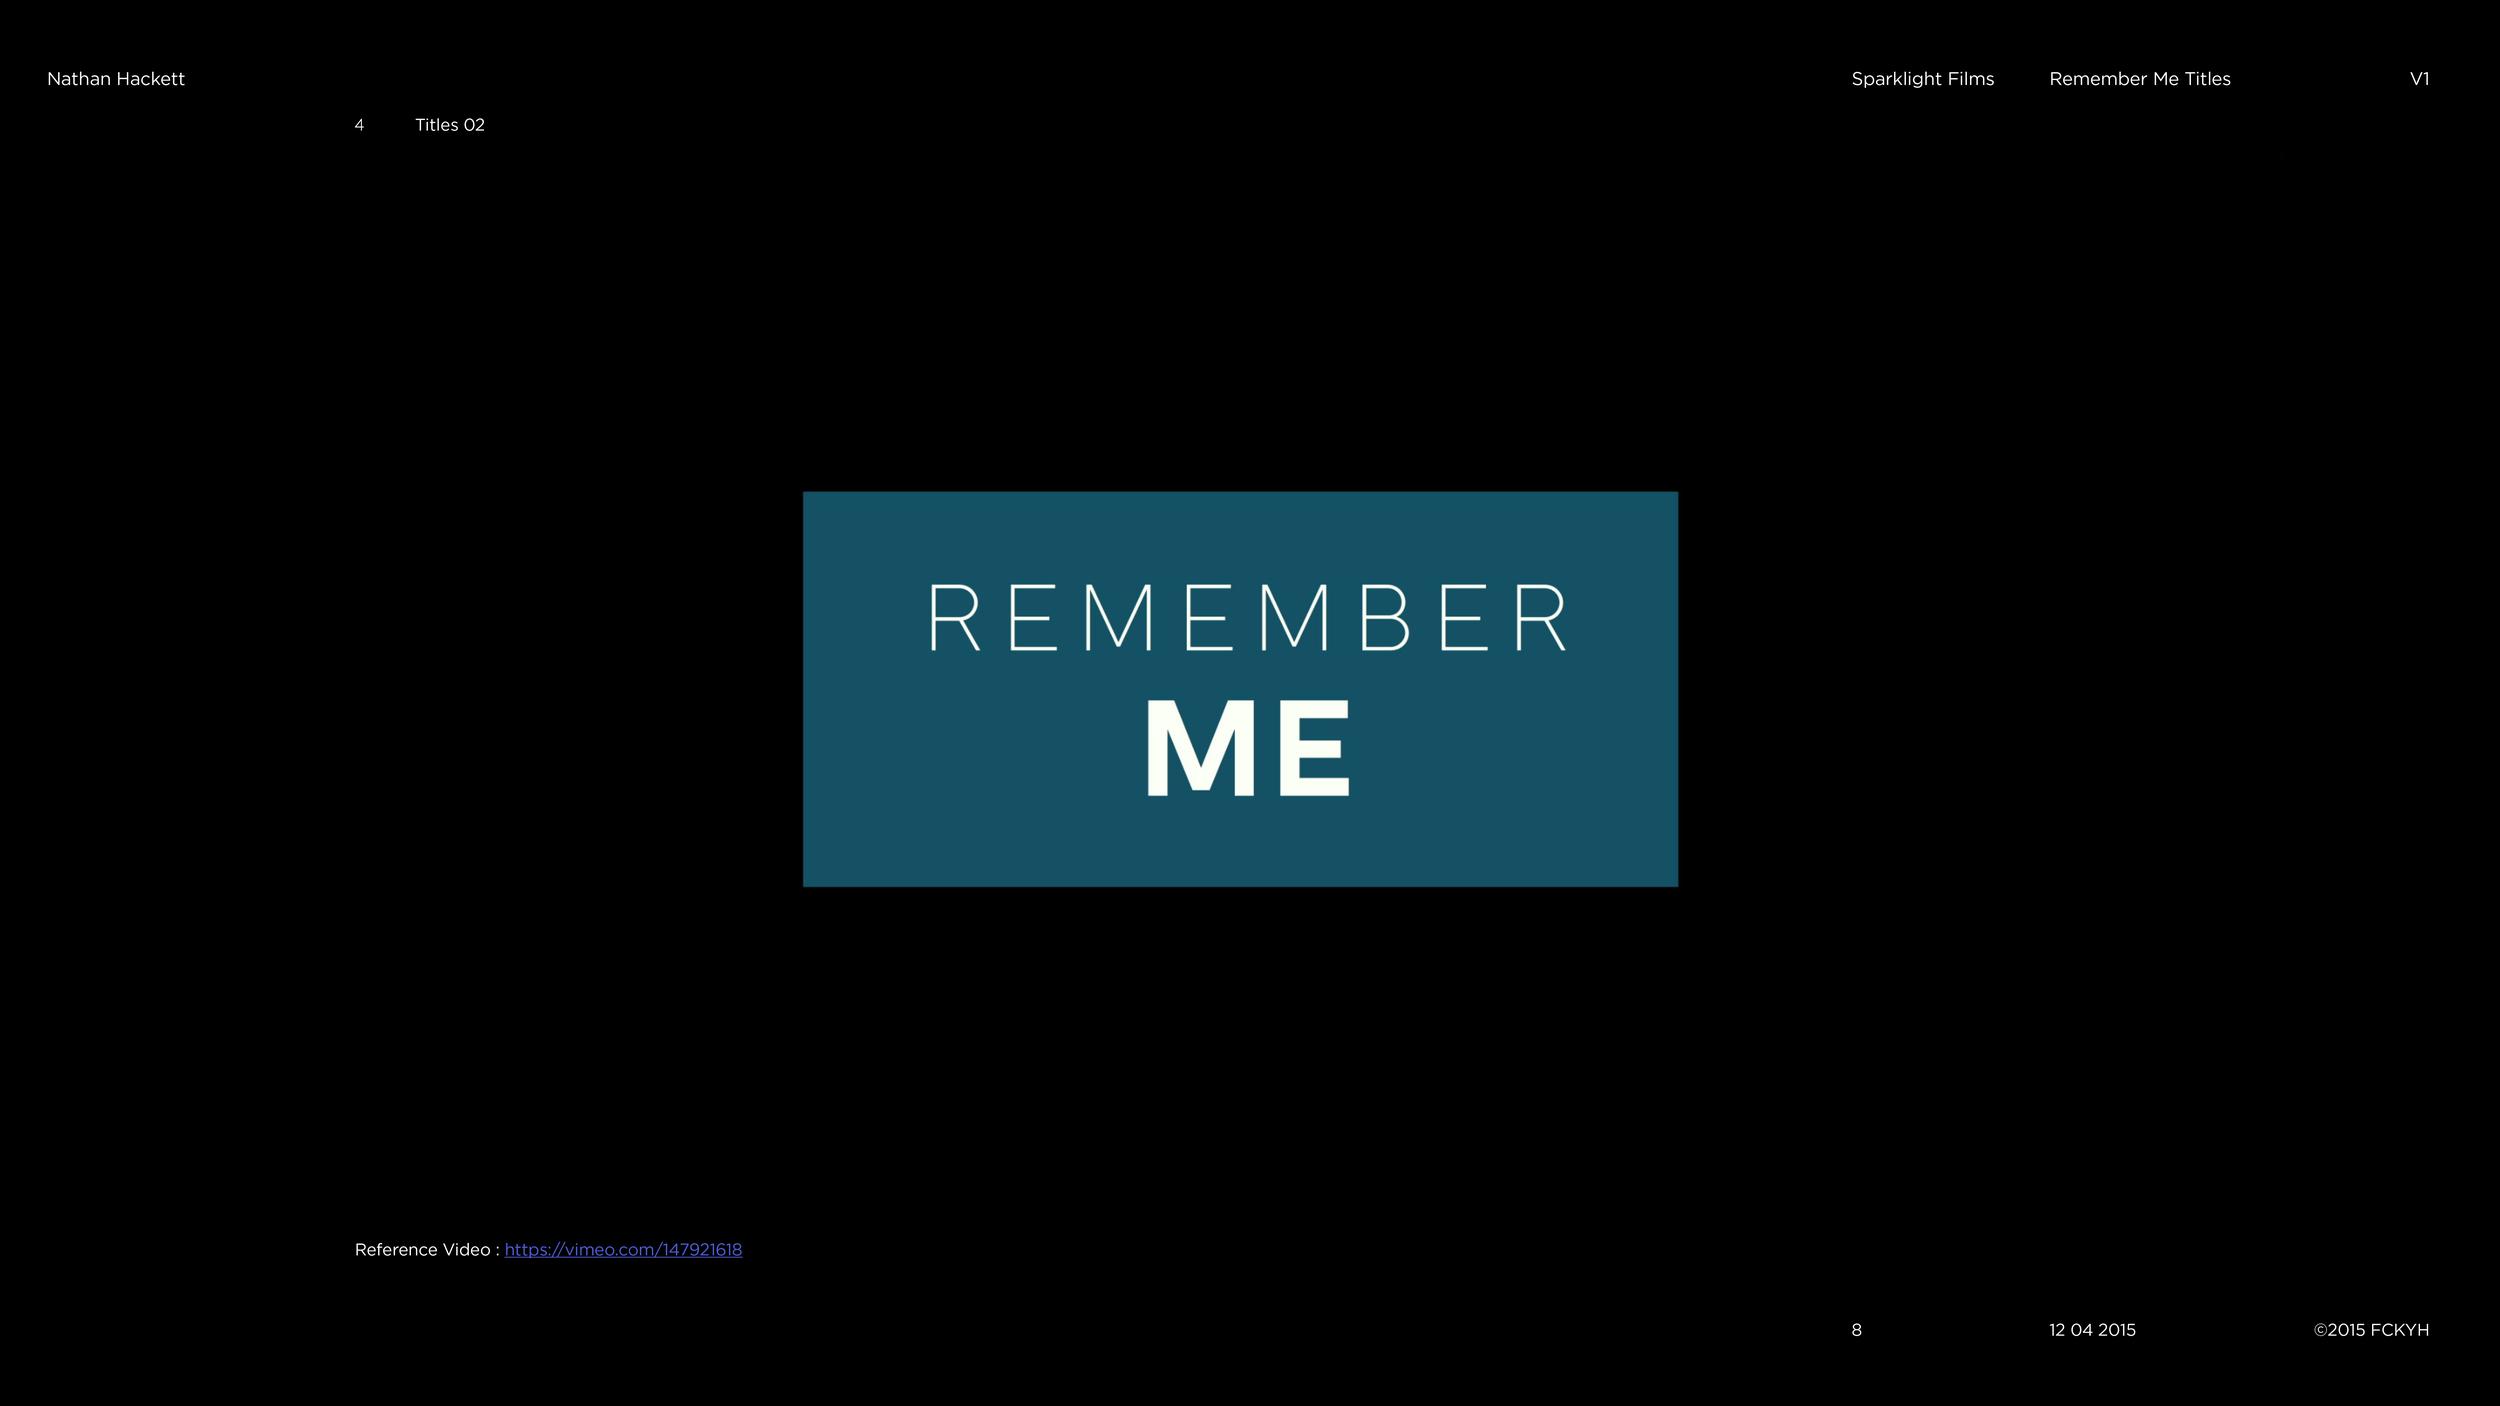 Hackett-RememberMe_Titles_v01-8.jpg